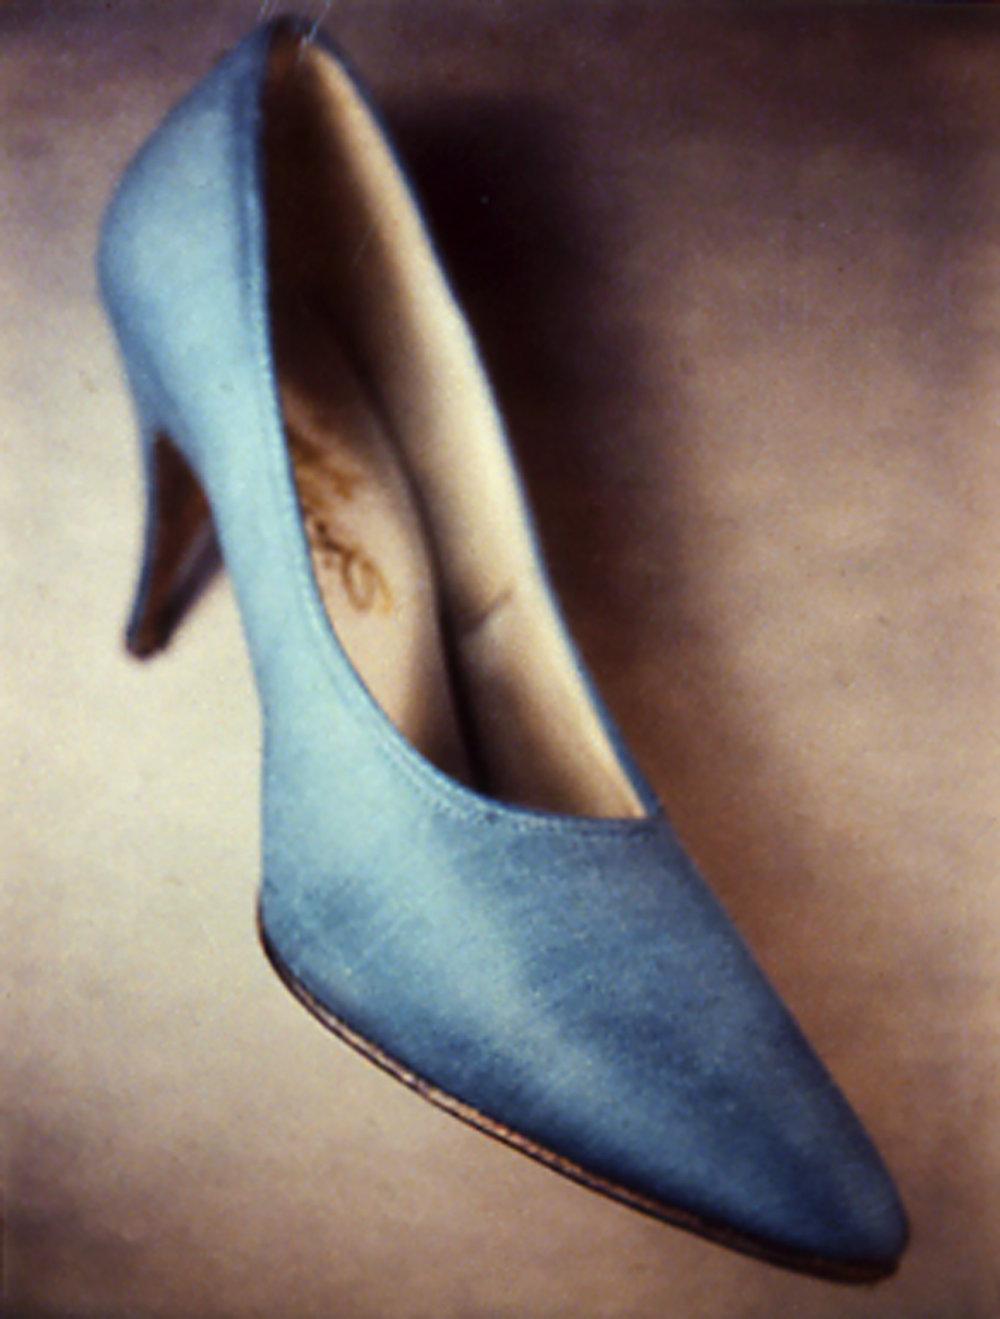 blueshoe.jpg